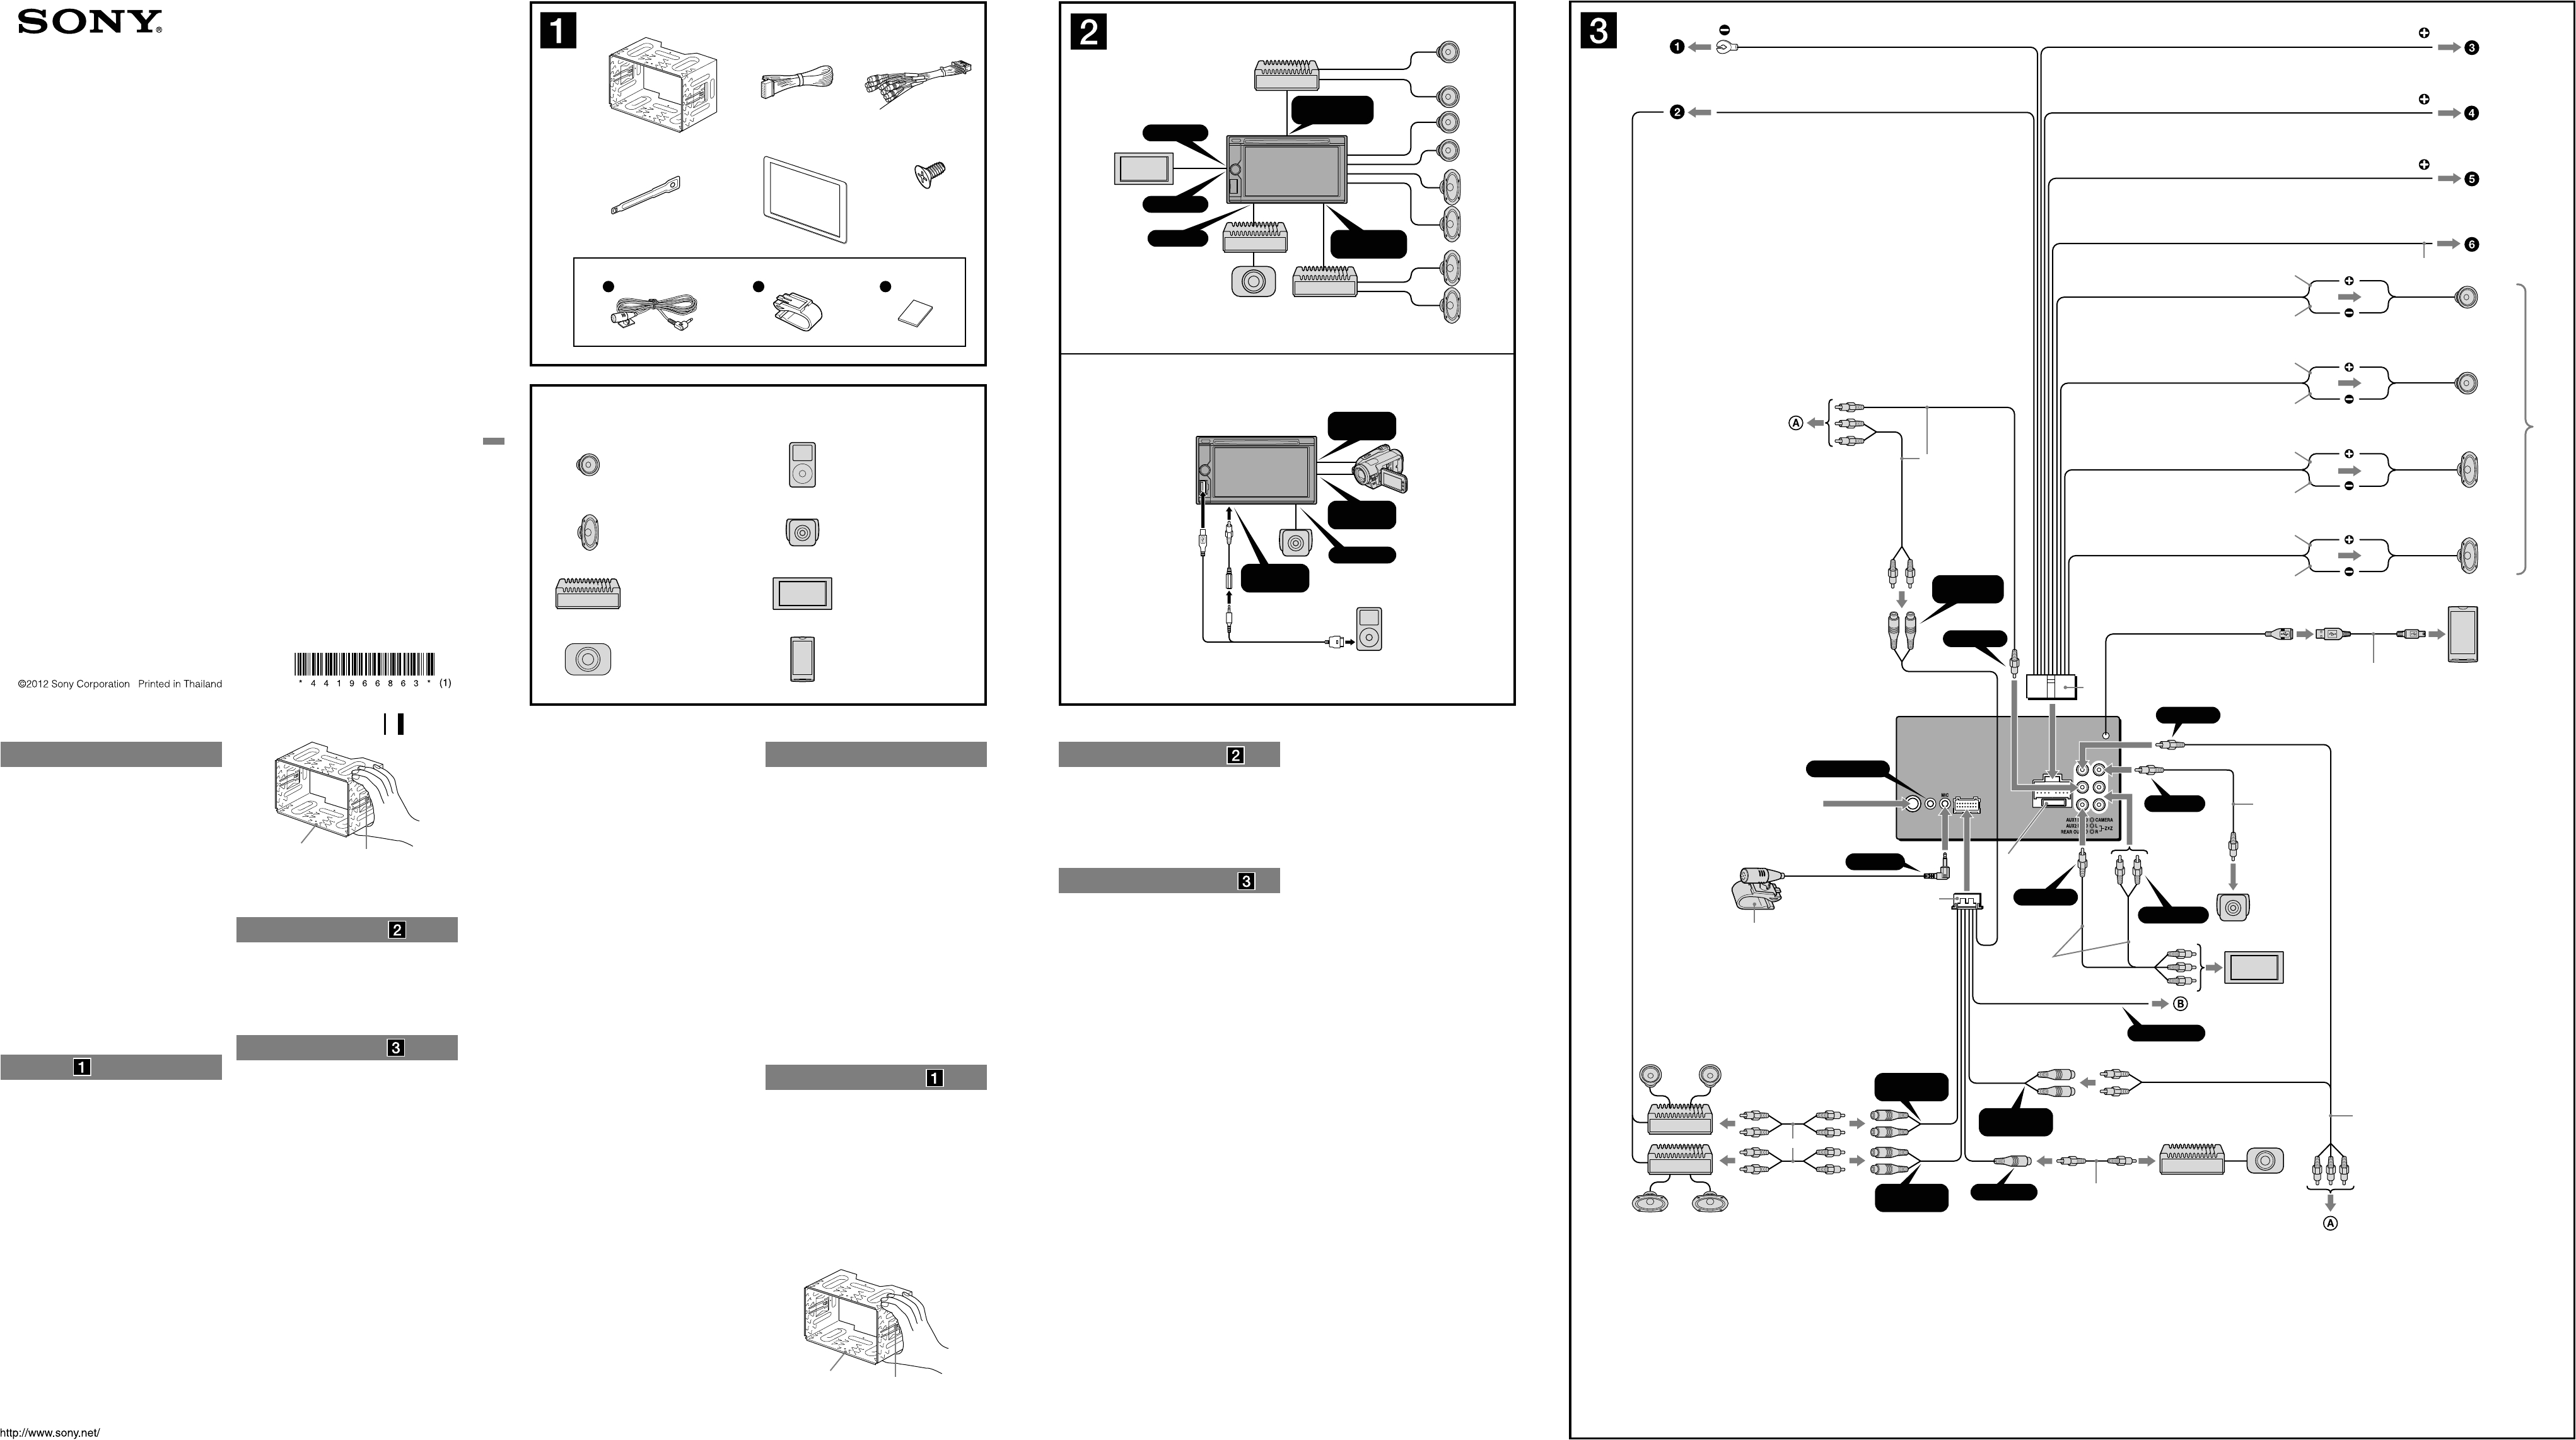 Sony Xav 601bt Wiring Diagram sony Xav 601bt User Manual Installation Connections Xav601bt Install